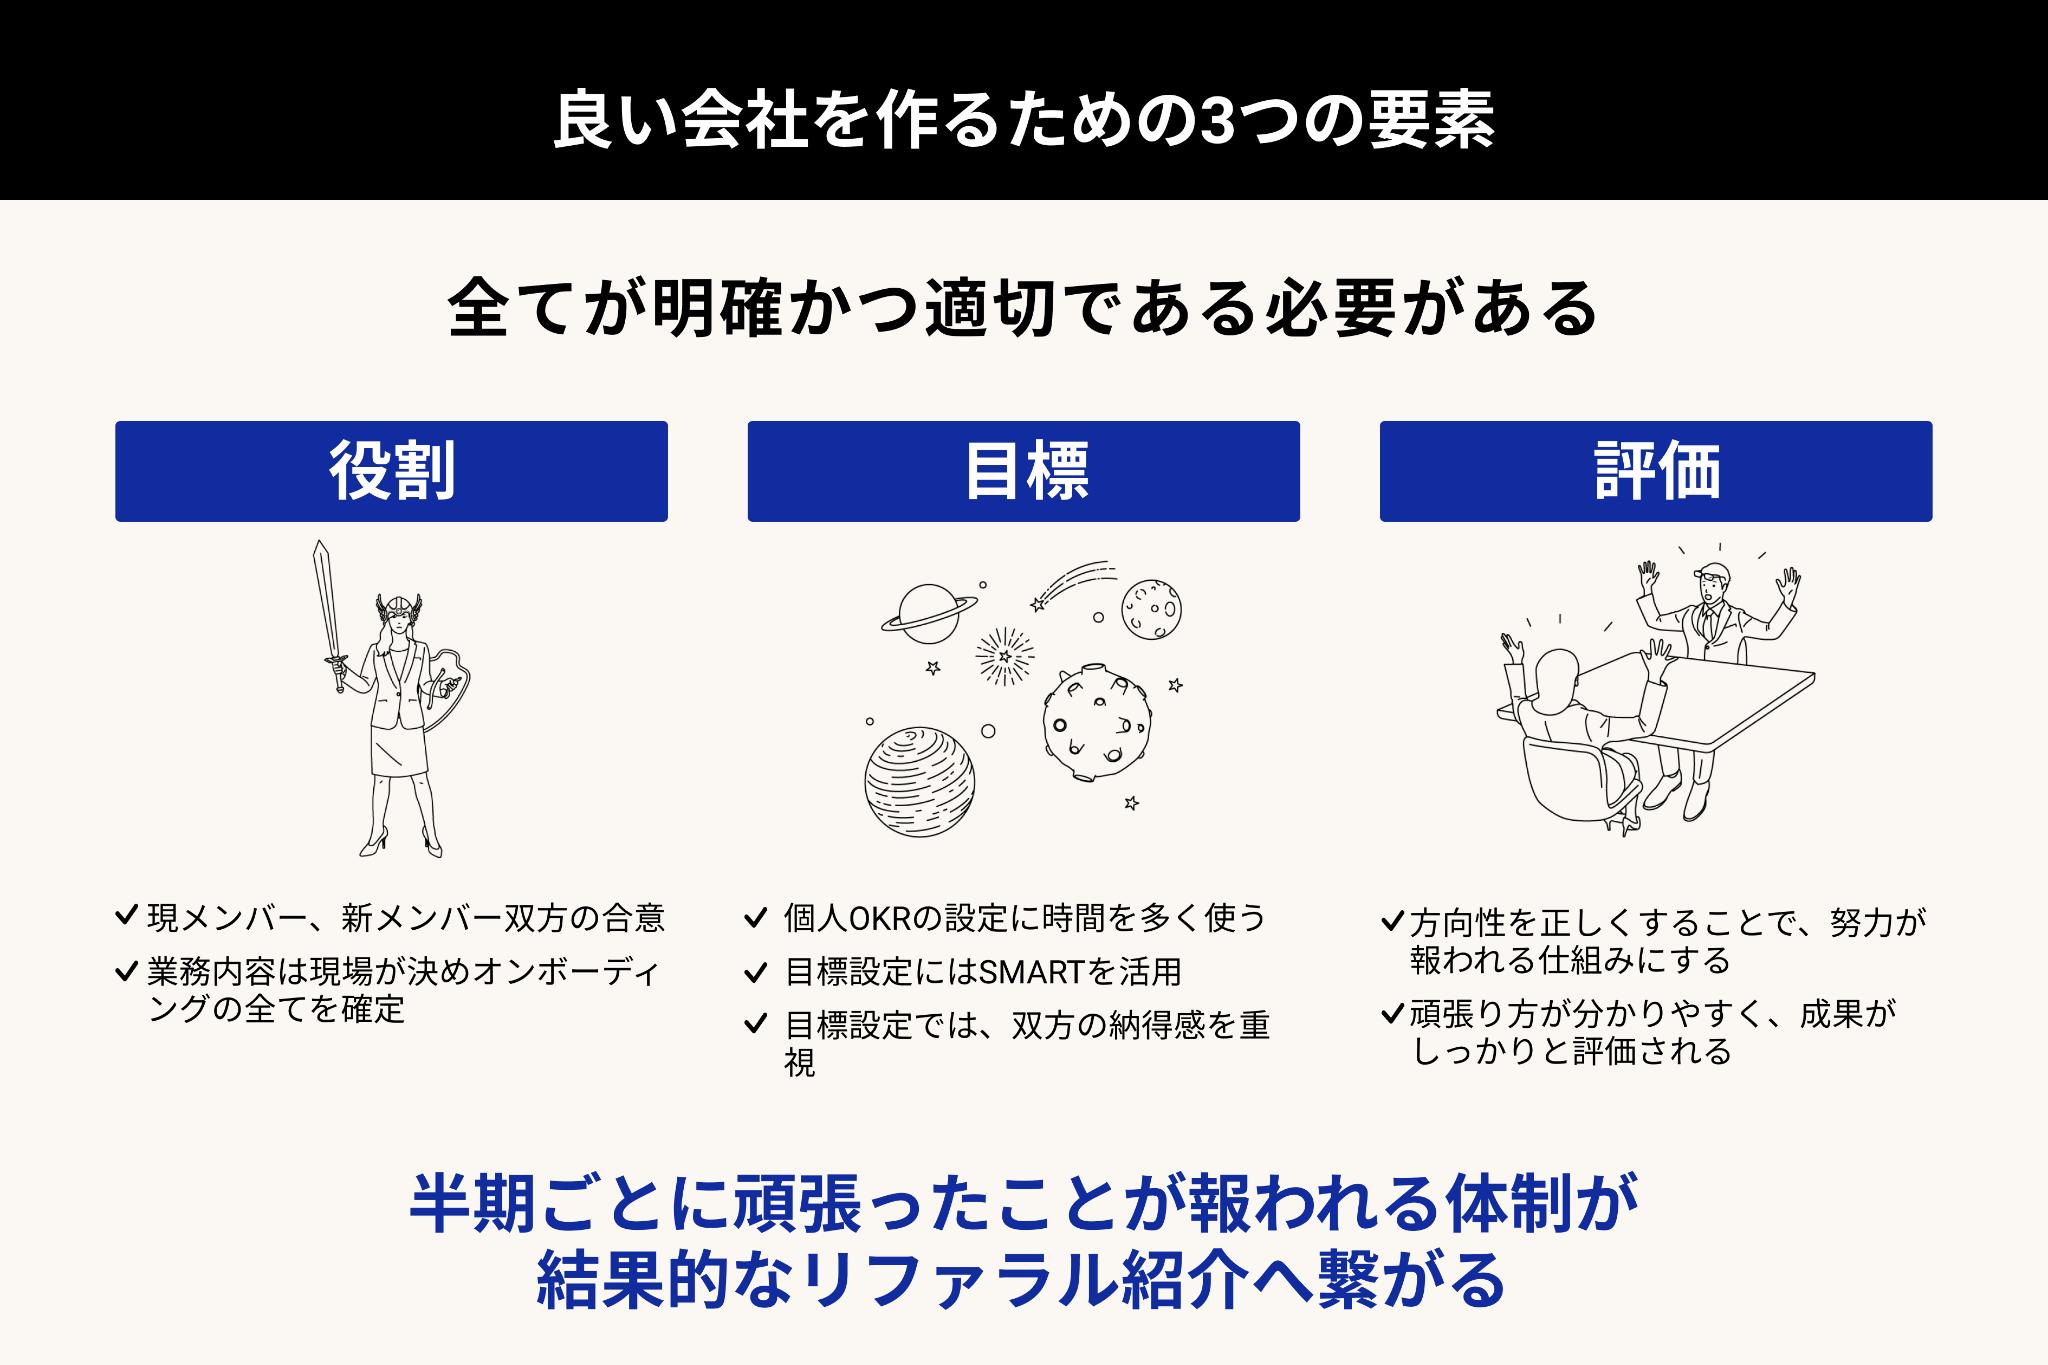 いい会社を作るための3つの要素。明確かつ適切な役割、目標、評価。